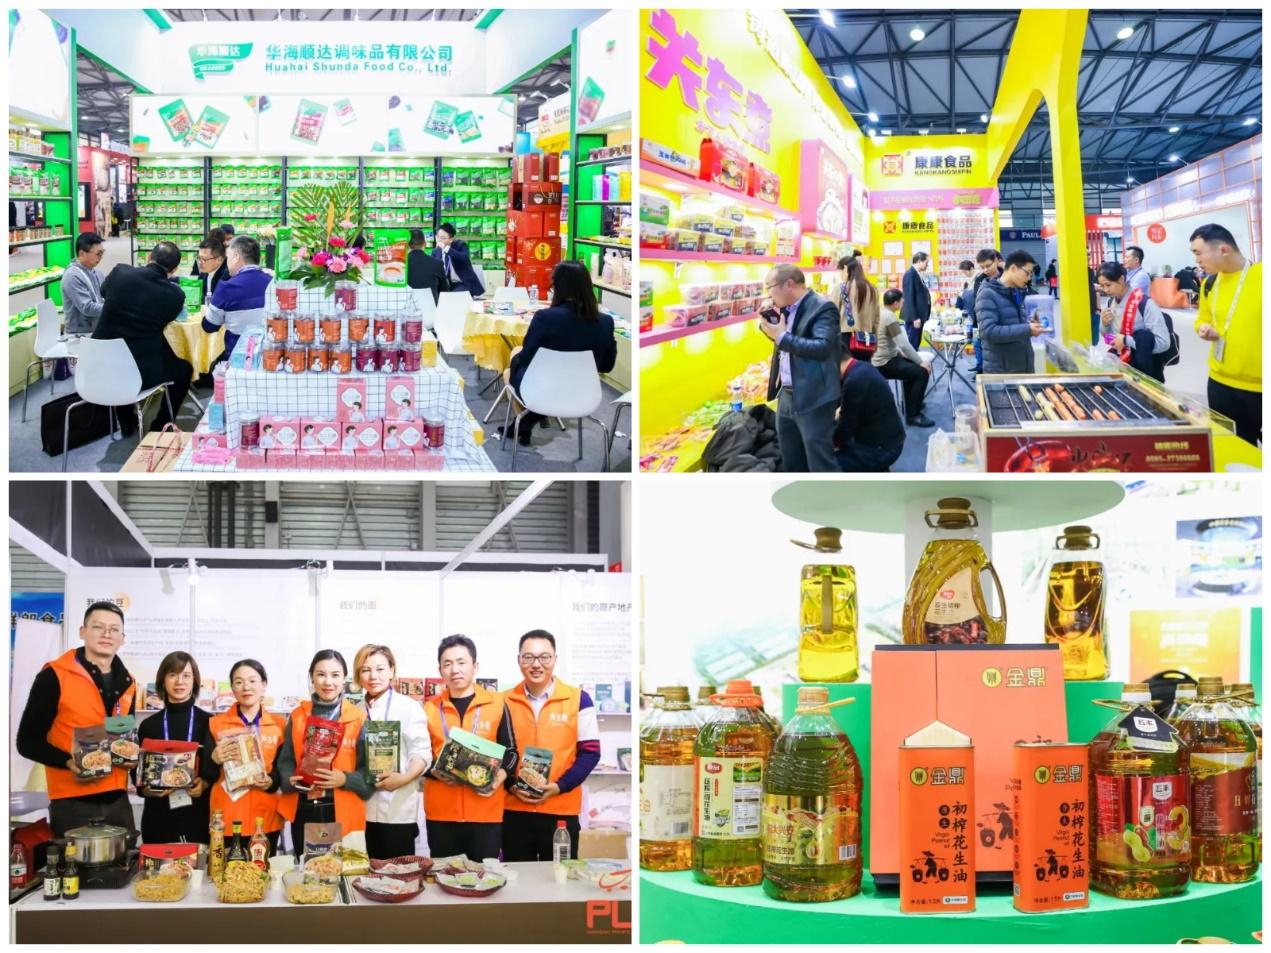 自有品牌亚洲展暨零售生鲜食材展优质展商抢先看